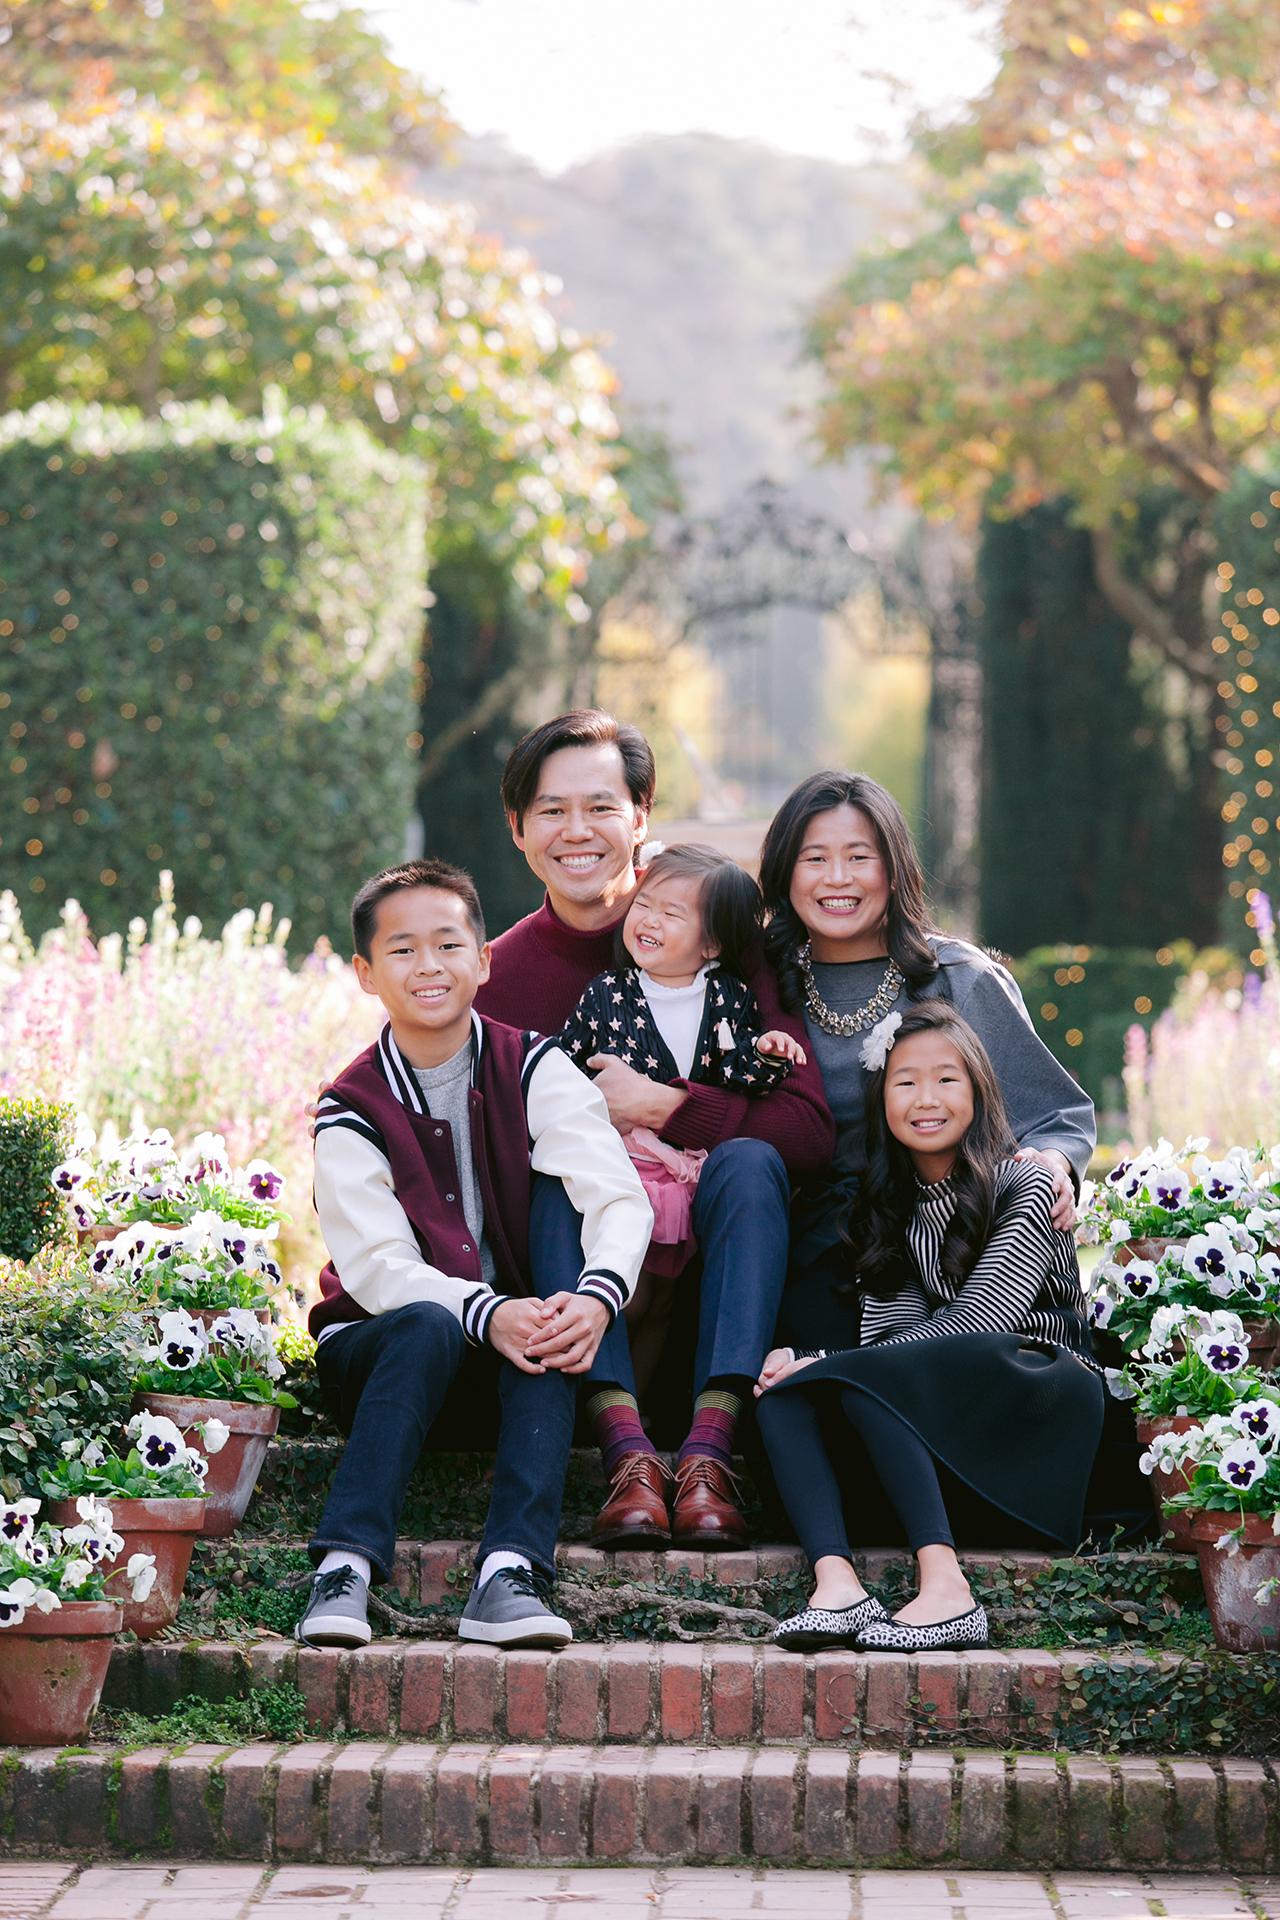 Fioli_Gardens_Woodside_Children_and_Family_Portrait_011.jpg